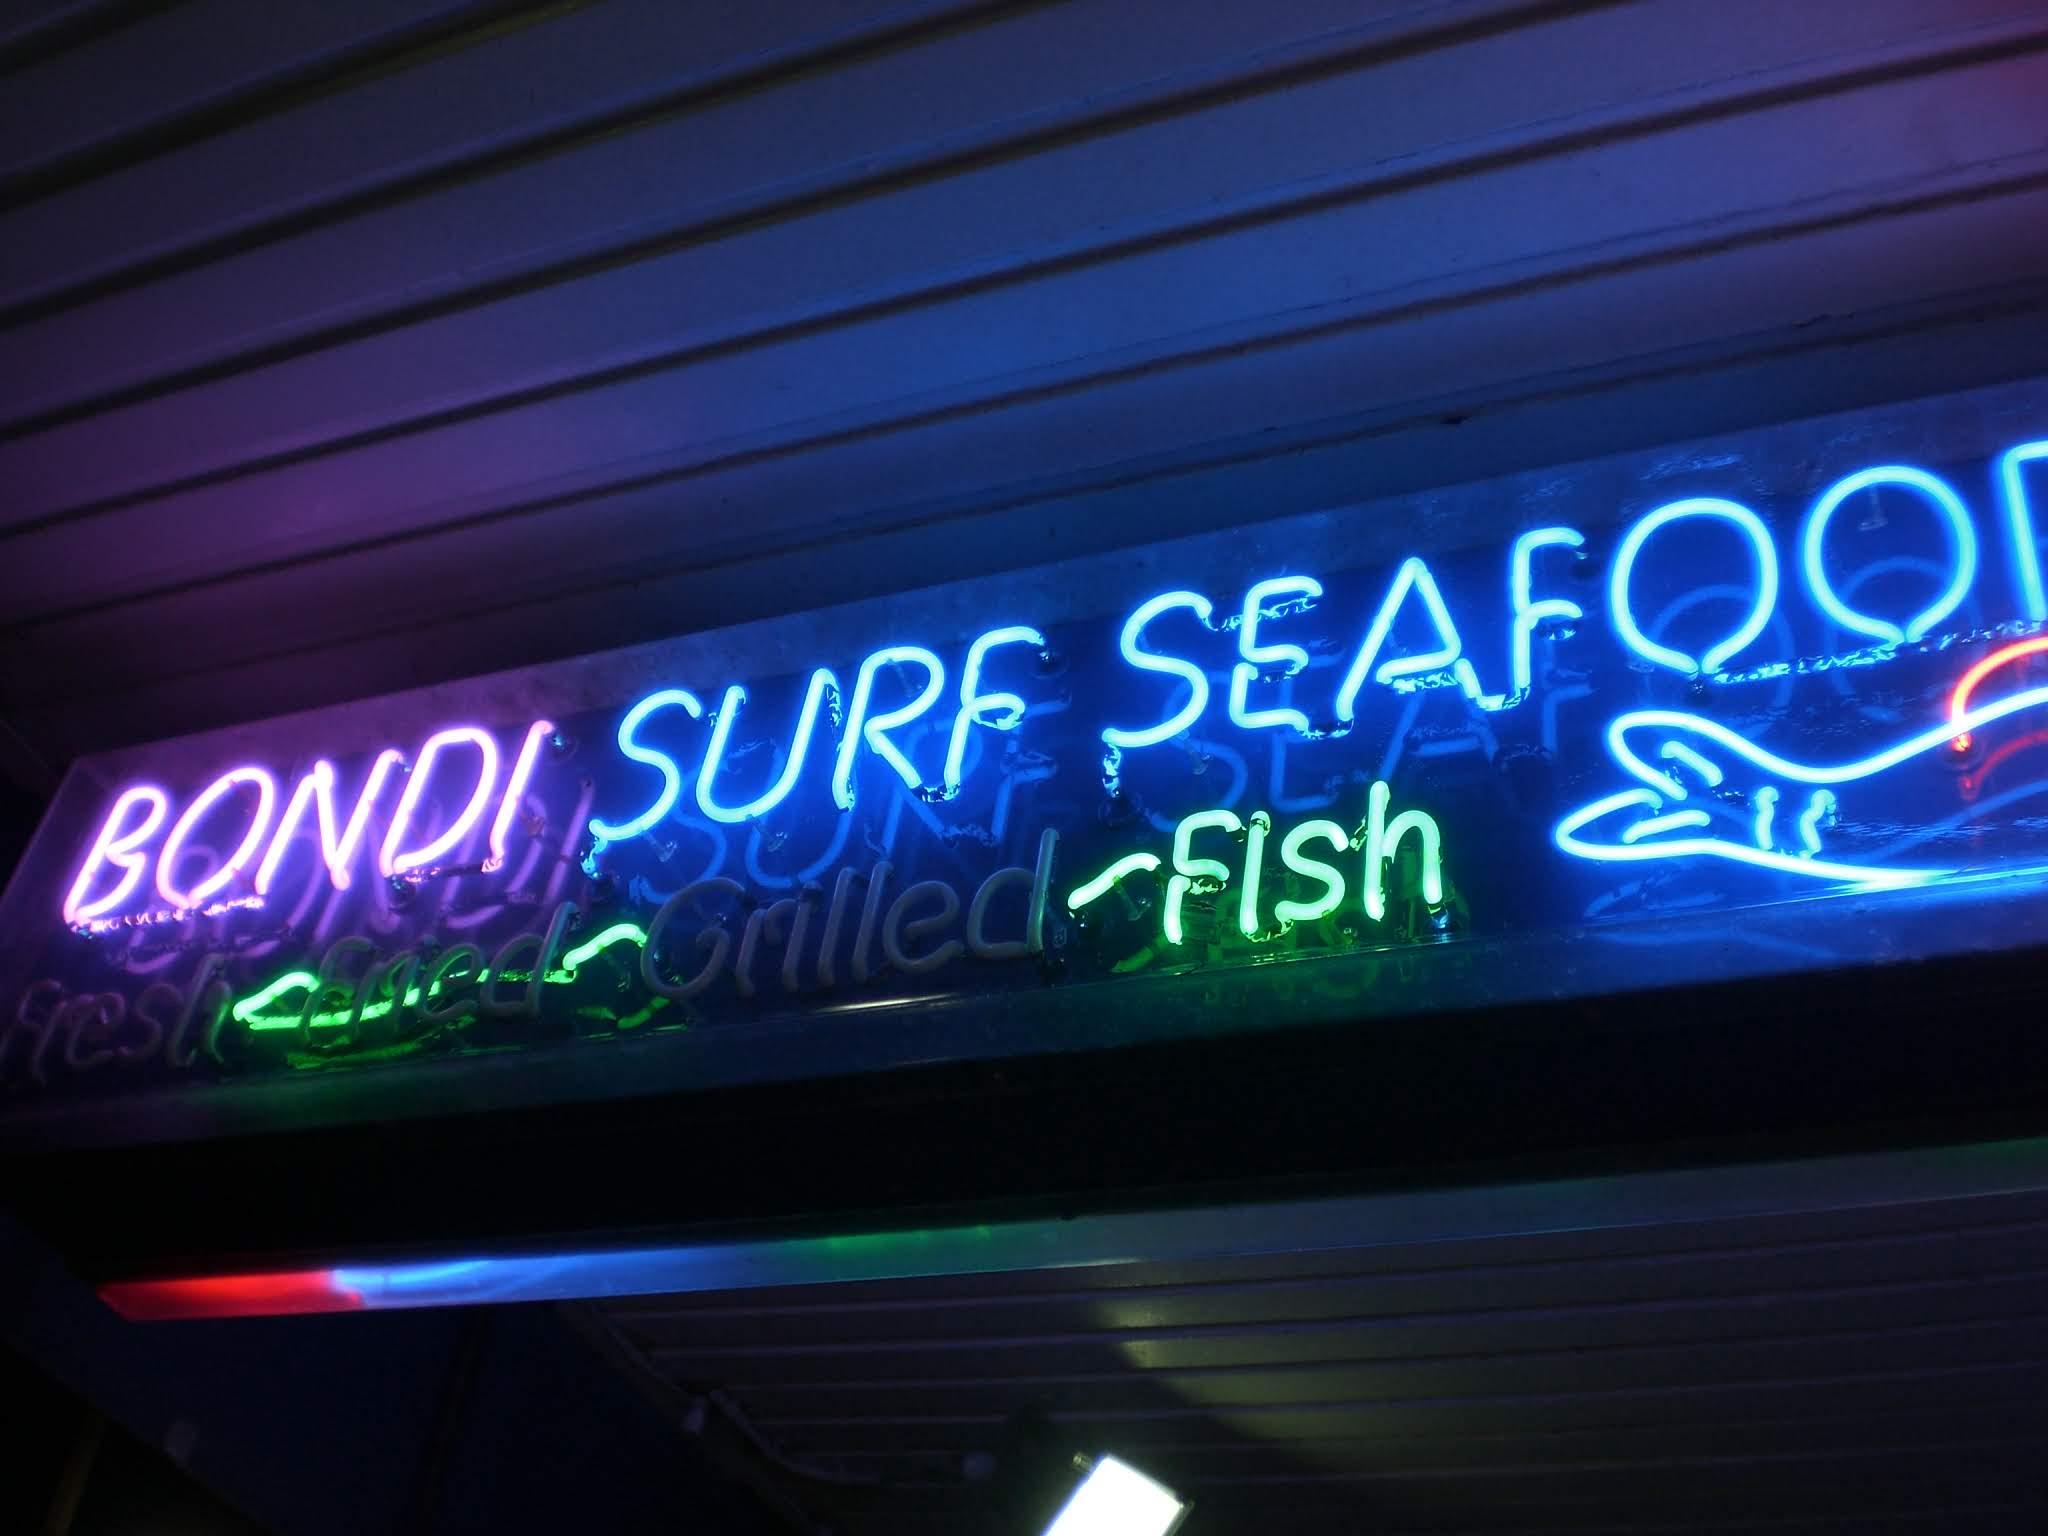 Bondi Surf Seafoods